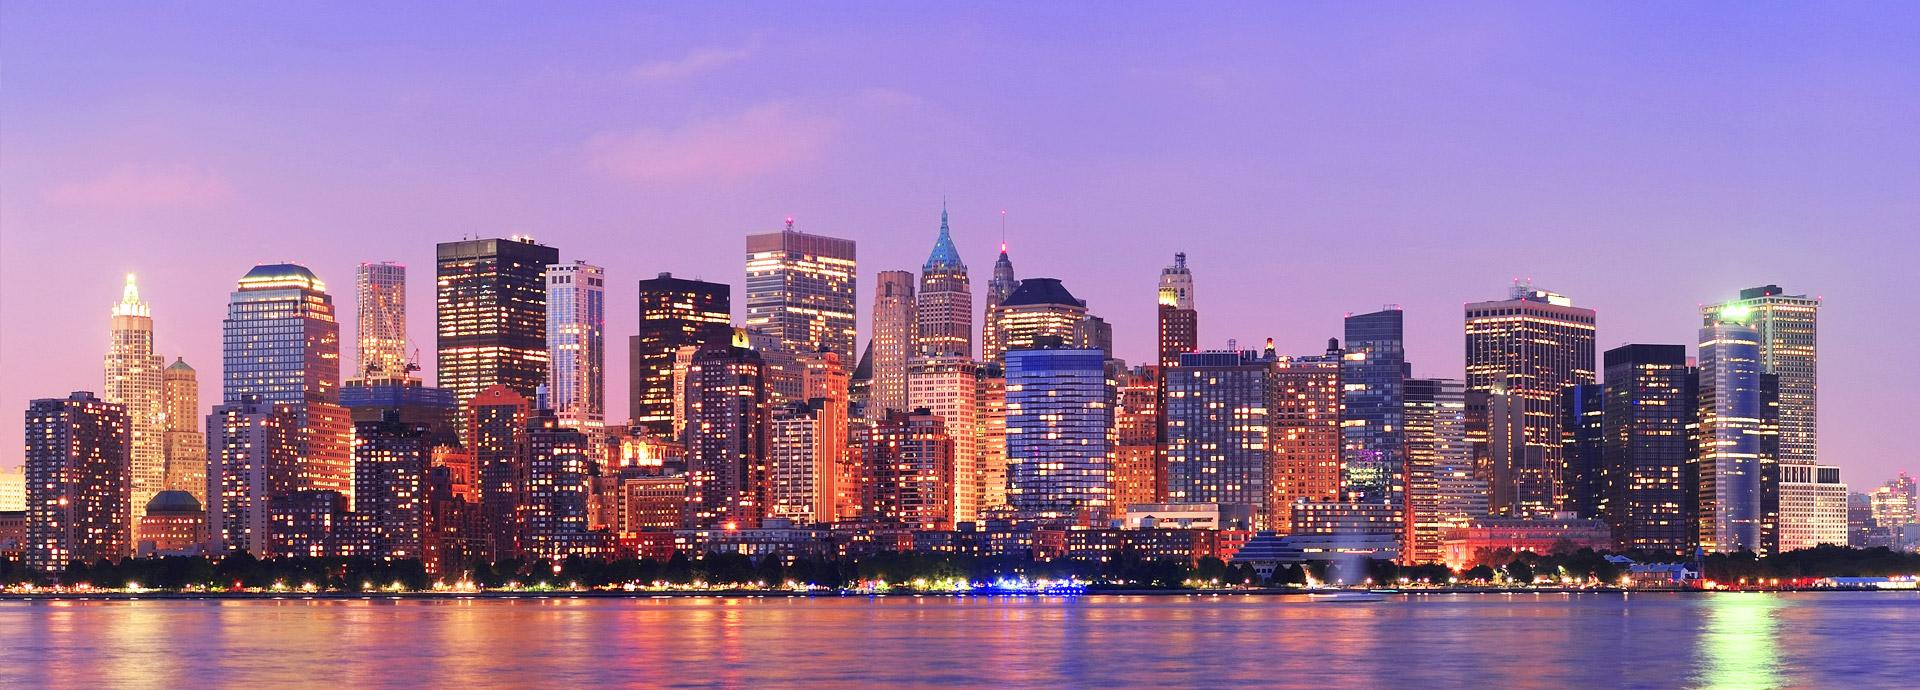 Premio New York in palio sei mesi nella metropoli statunitense ABM